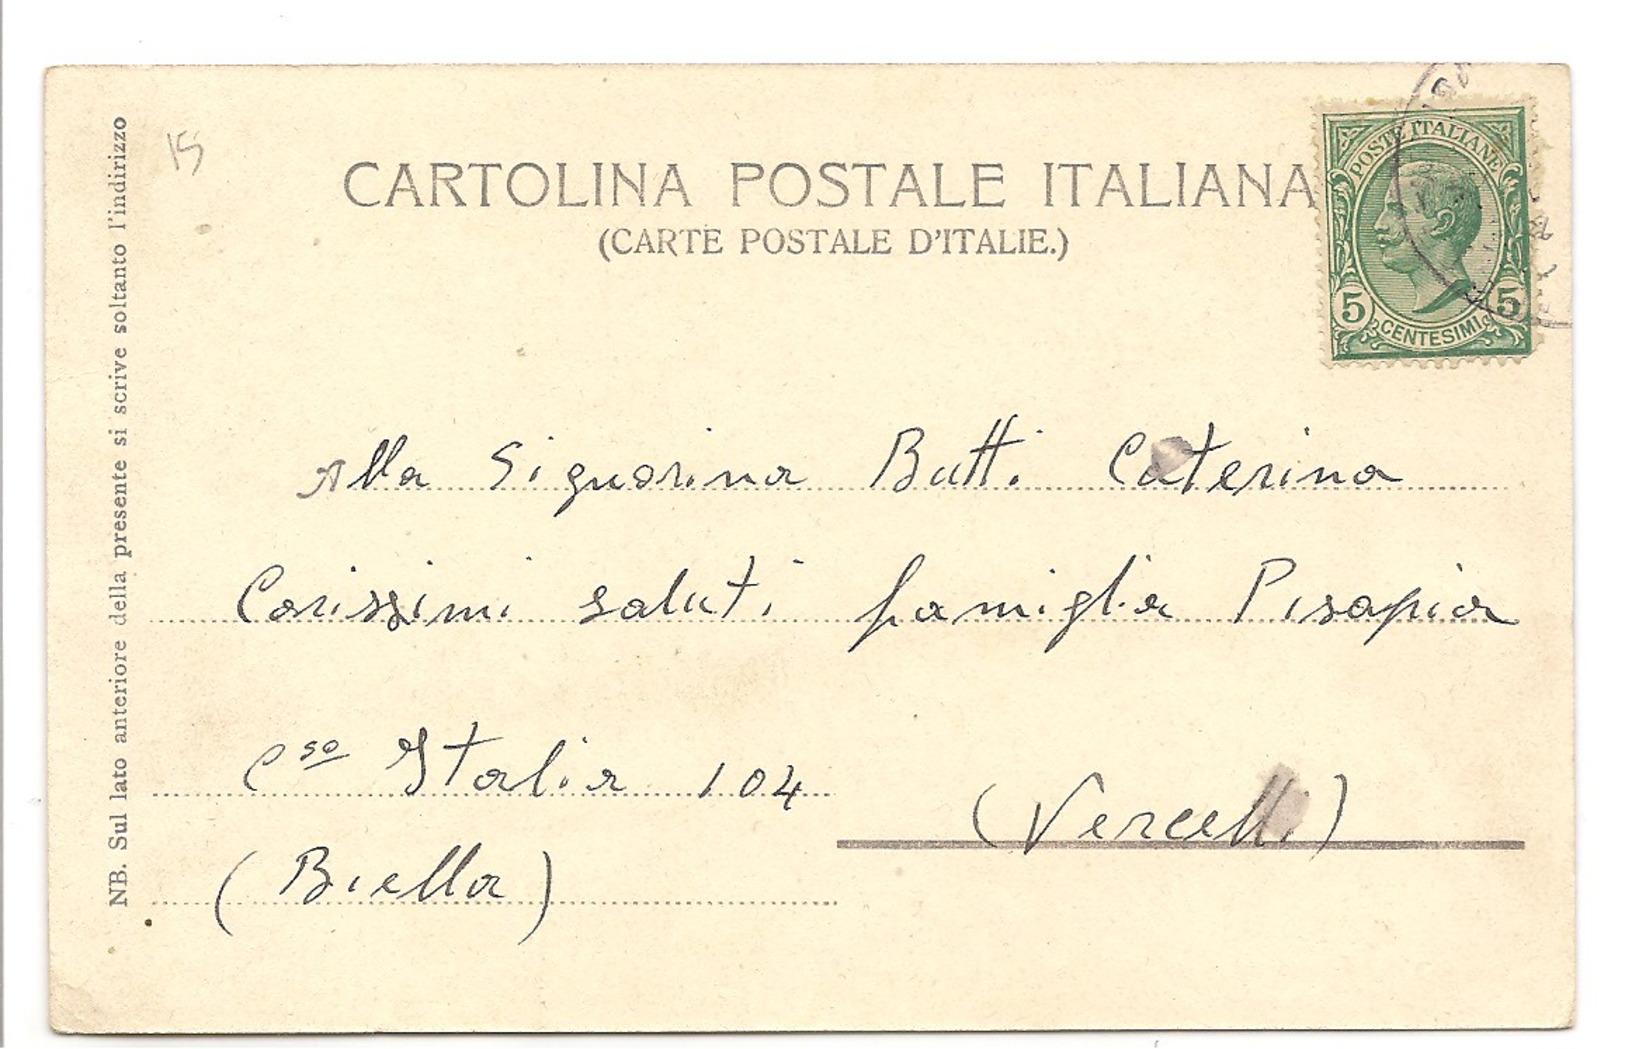 PROVINCIA DI BOLOGNA - COMUNE DI MONZUNO - 4 SETTEMBRE 1904 - FESTA - Bologna